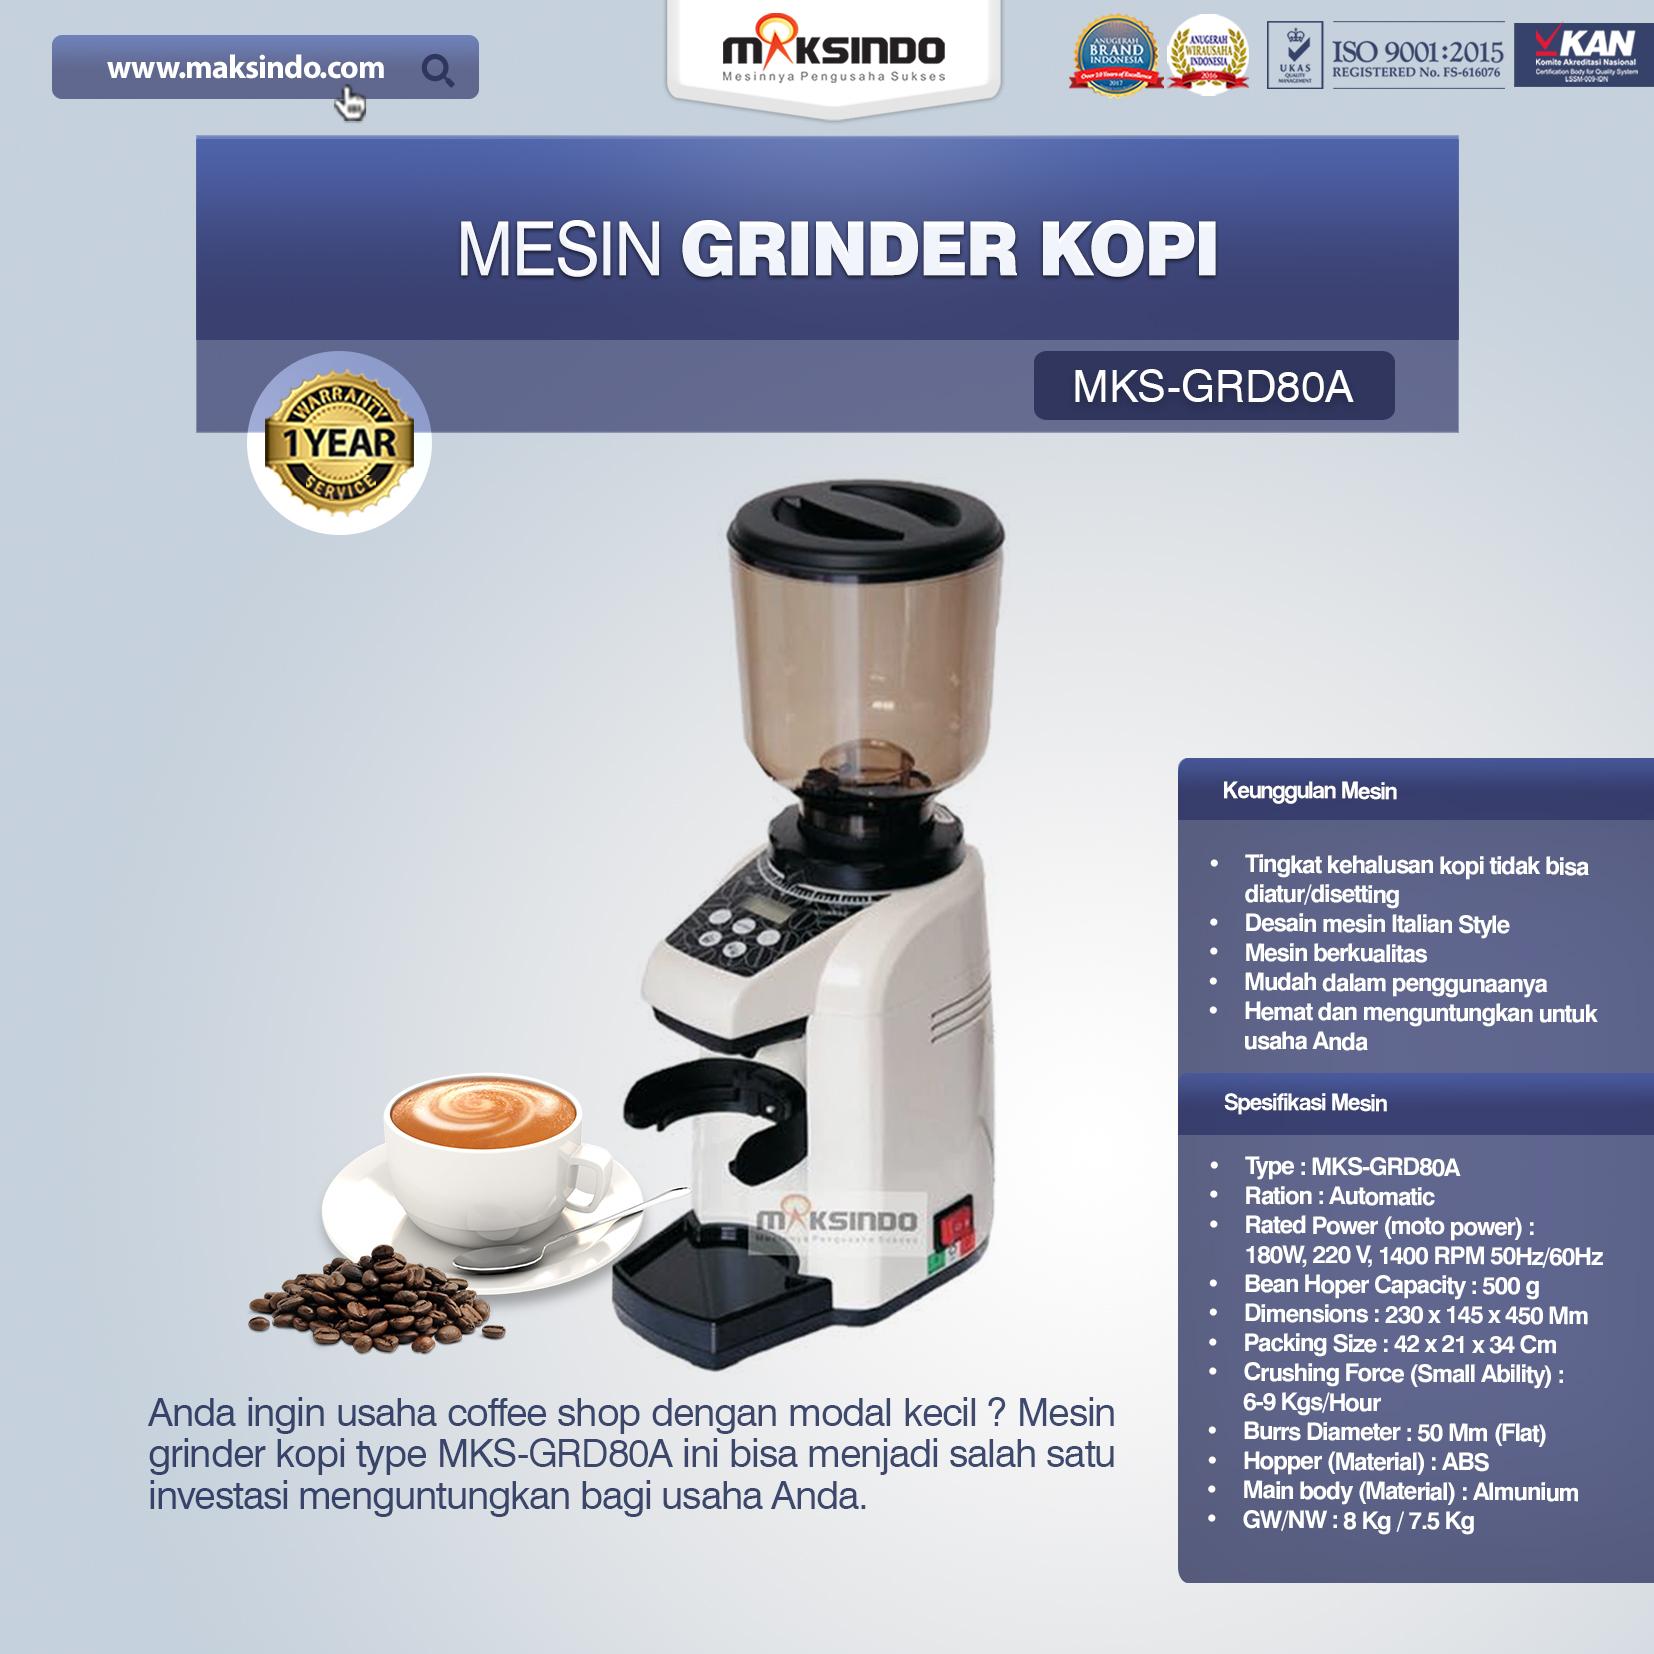 Jual Mesin Grinder Kopi (MKS-GRD80A) di Blitar